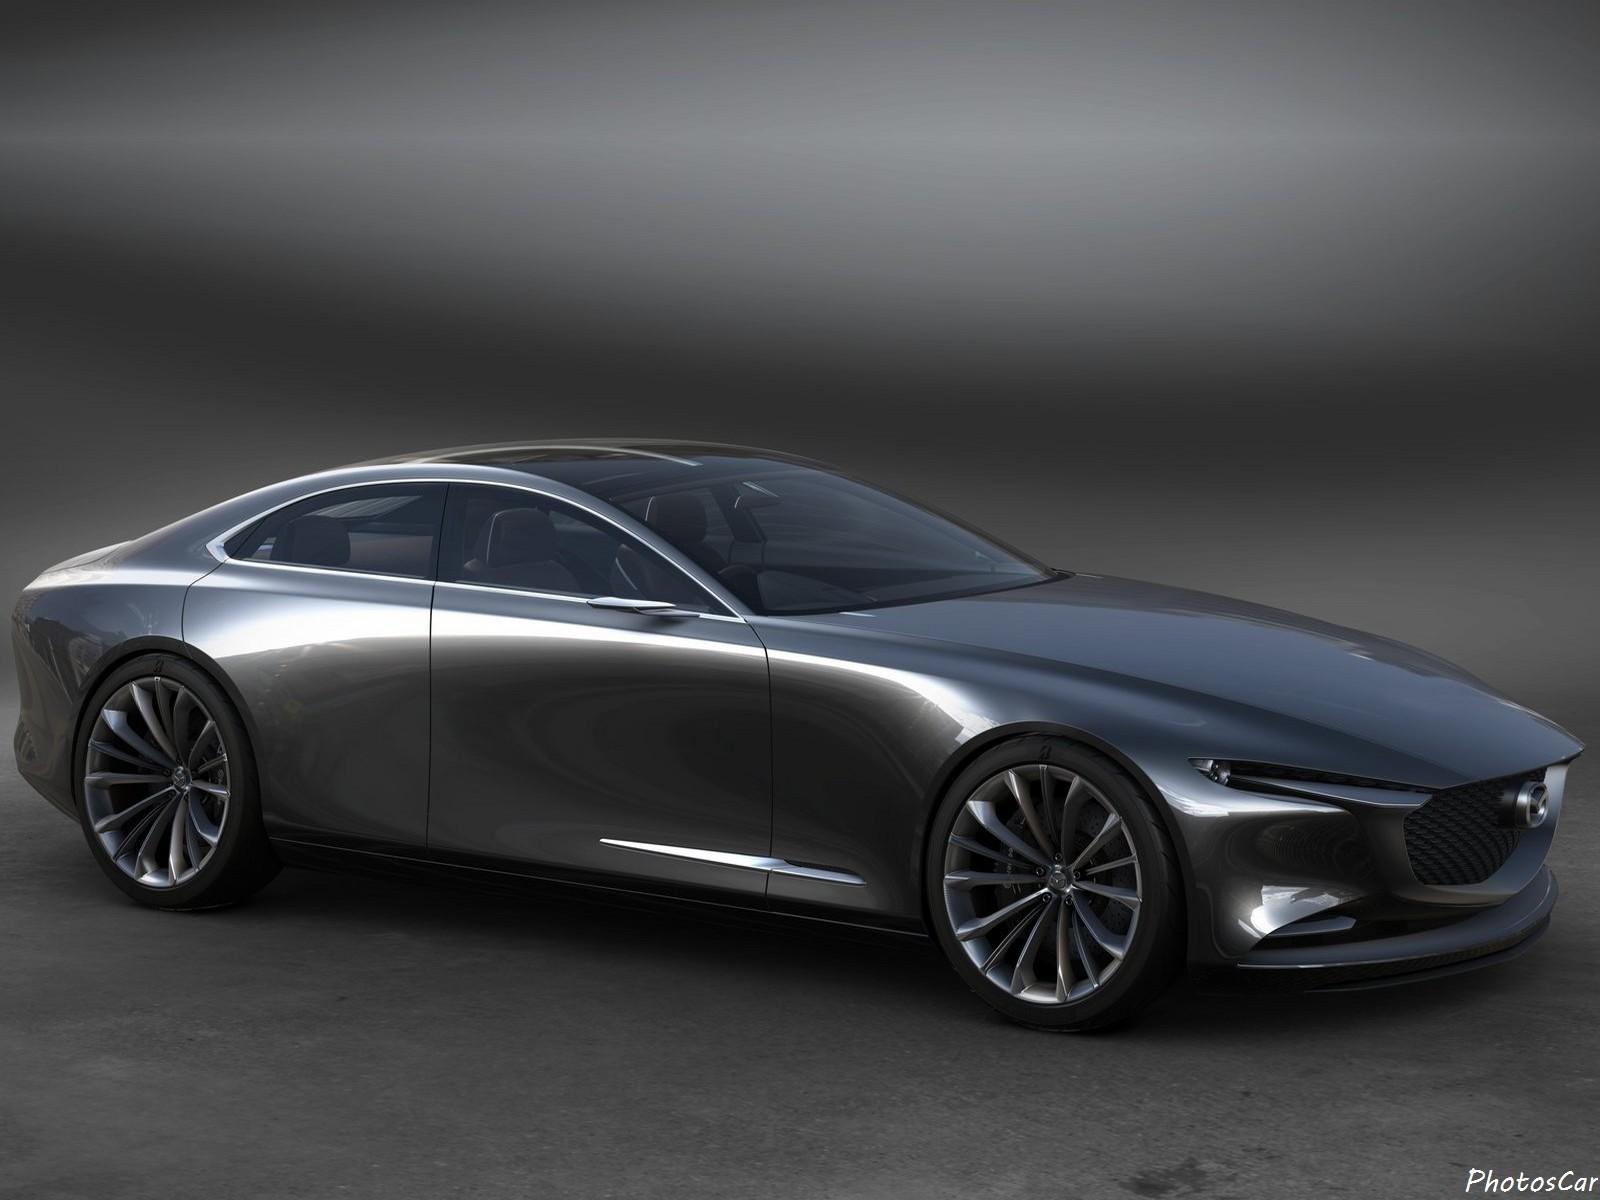 Mazda Vision Coupé Concept 2017 : Son corps a un design très stylisé.